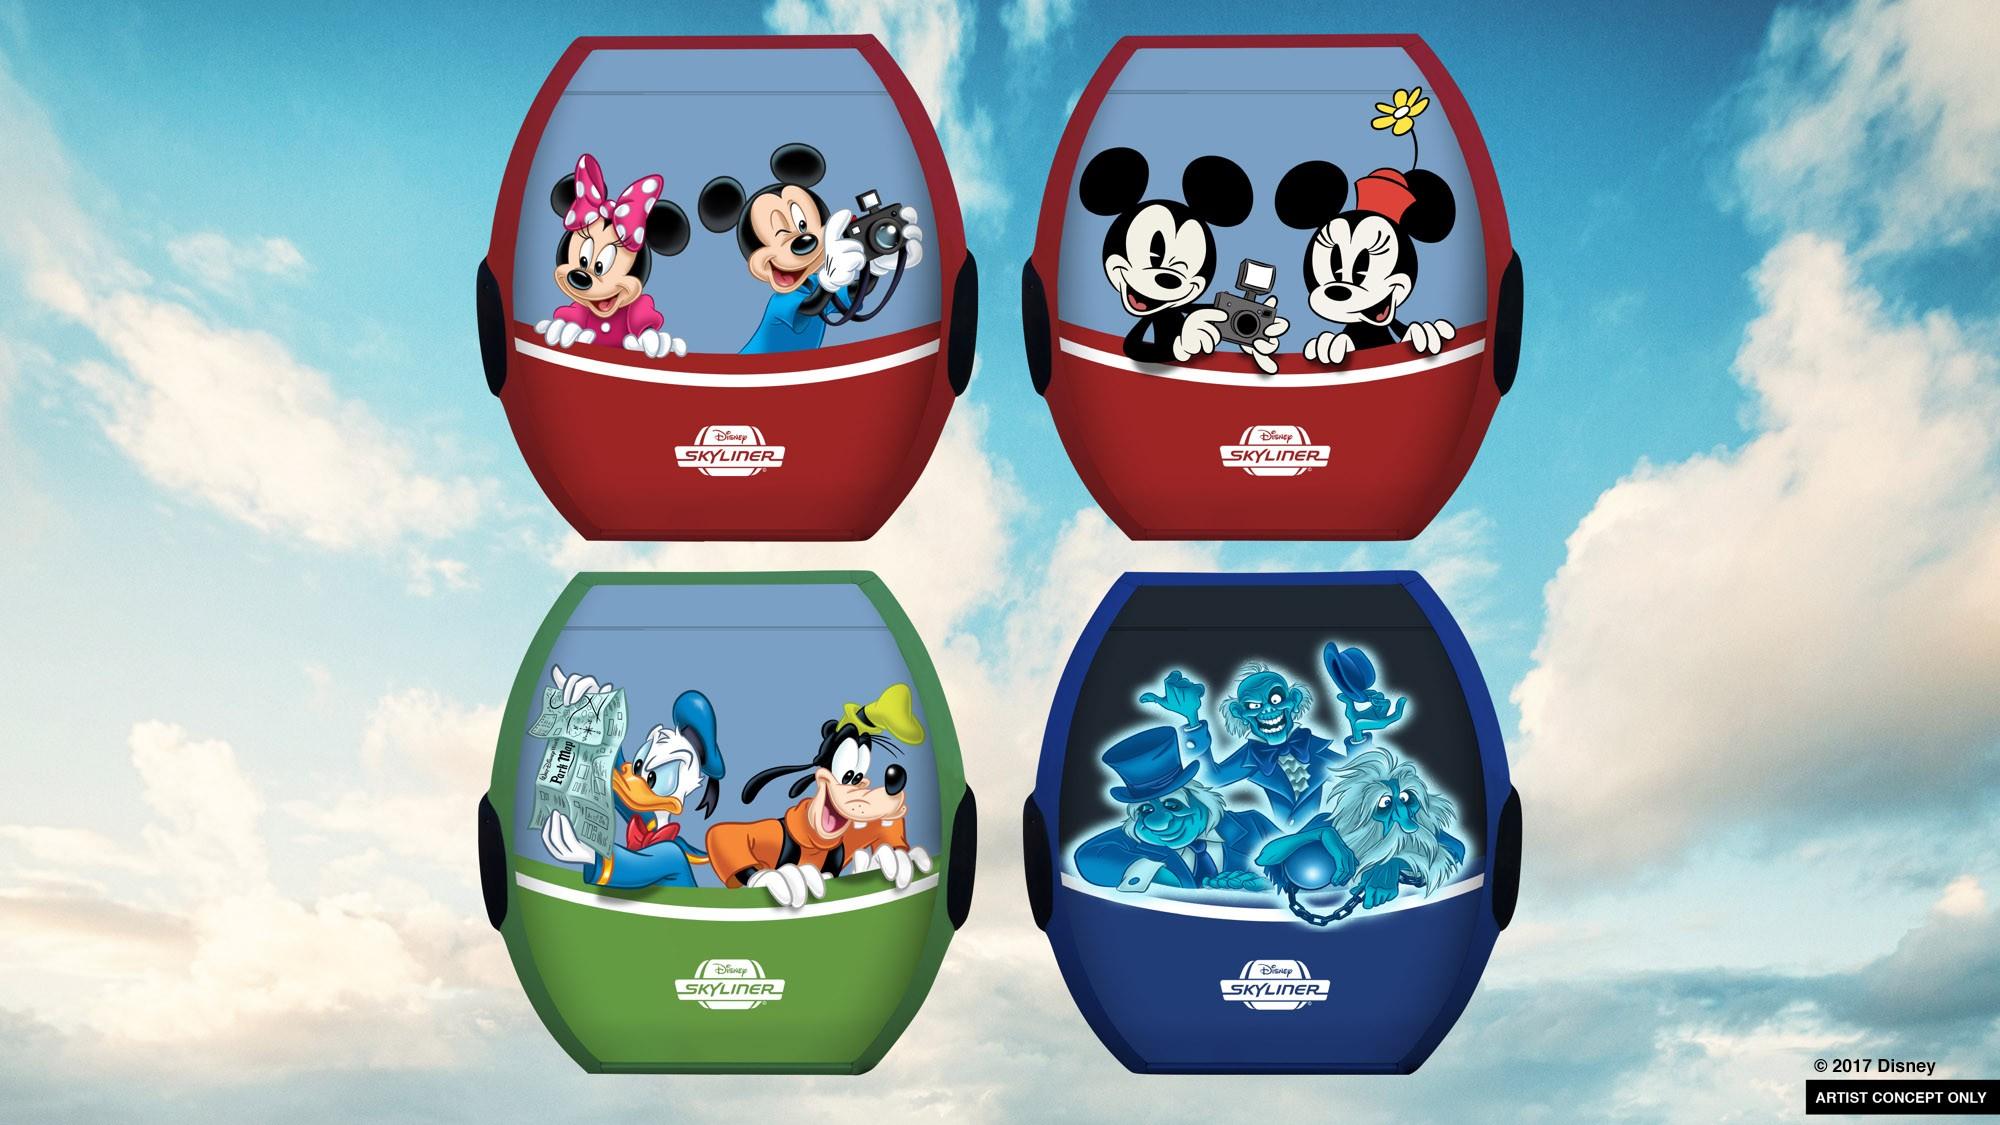 Magic Kingdom, Walt Disney World getting major new updates